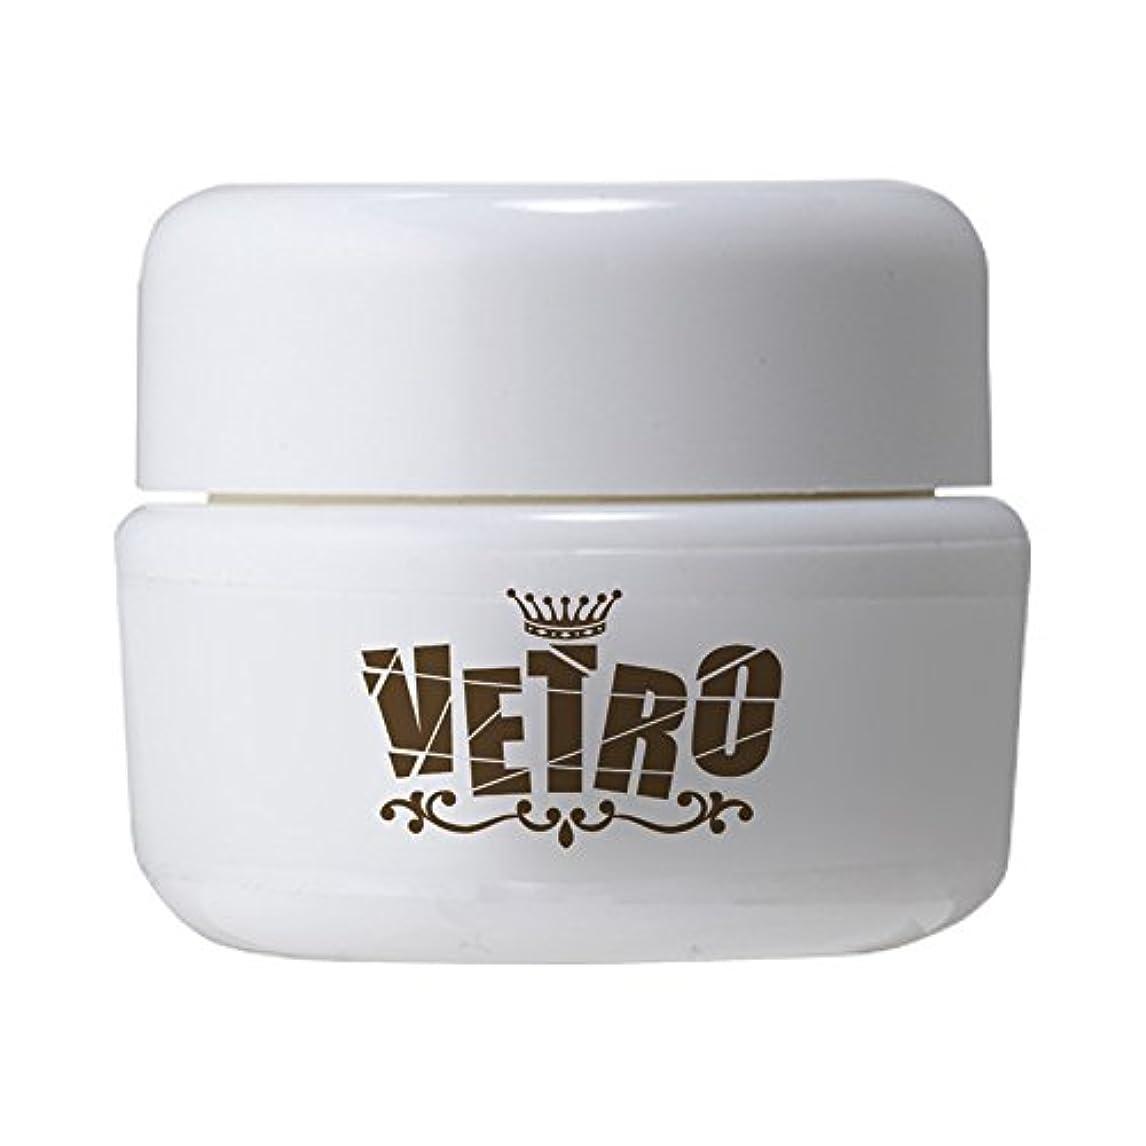 教養があるカプセル貸し手VETRO No.19 カラージェル マット VL055 ホワイト 4ml